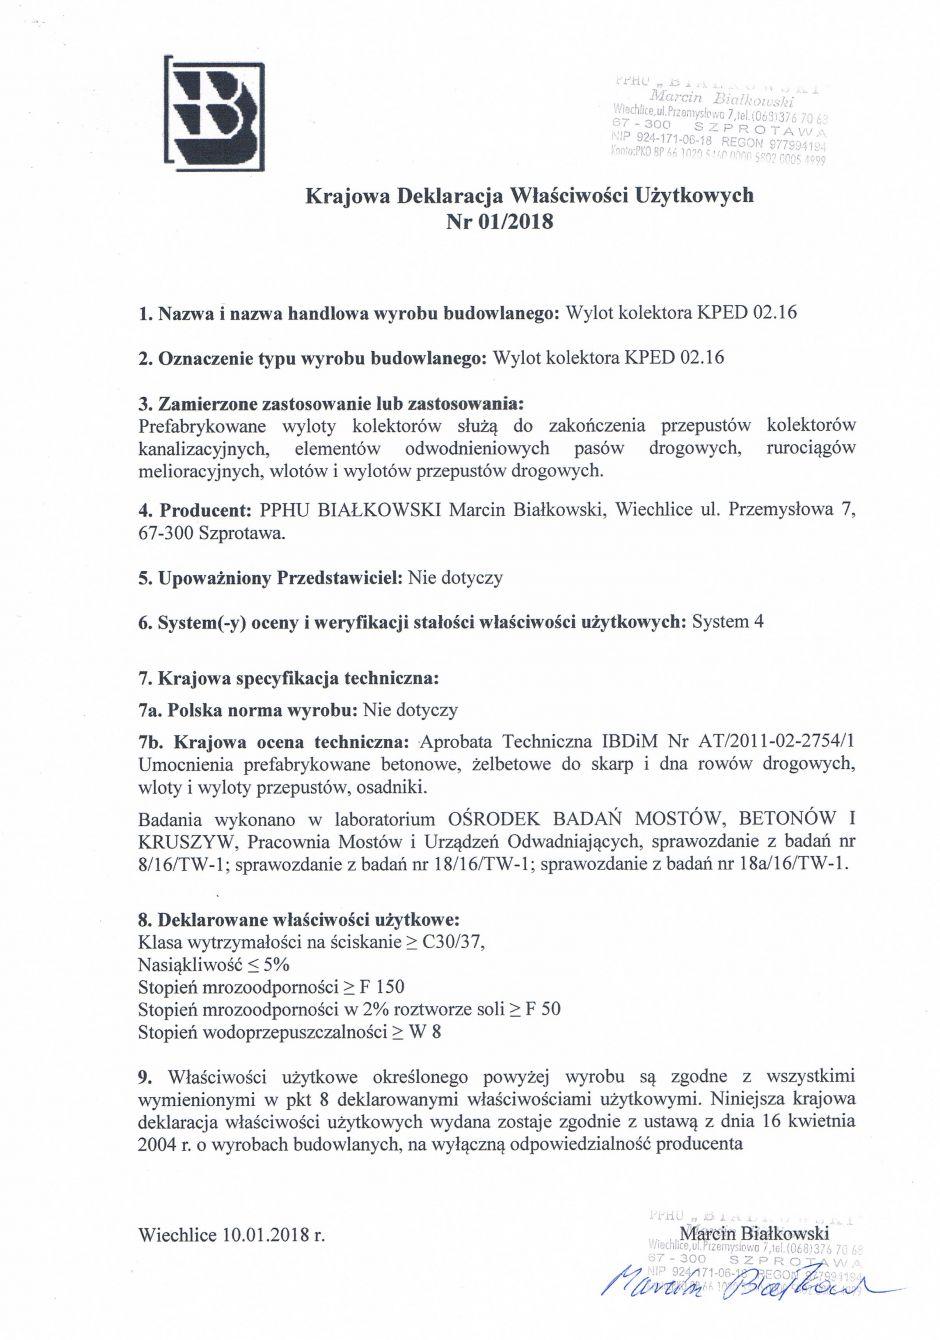 Krajowa Deklaracja Właściwości Użytkowych Nr 01/2018